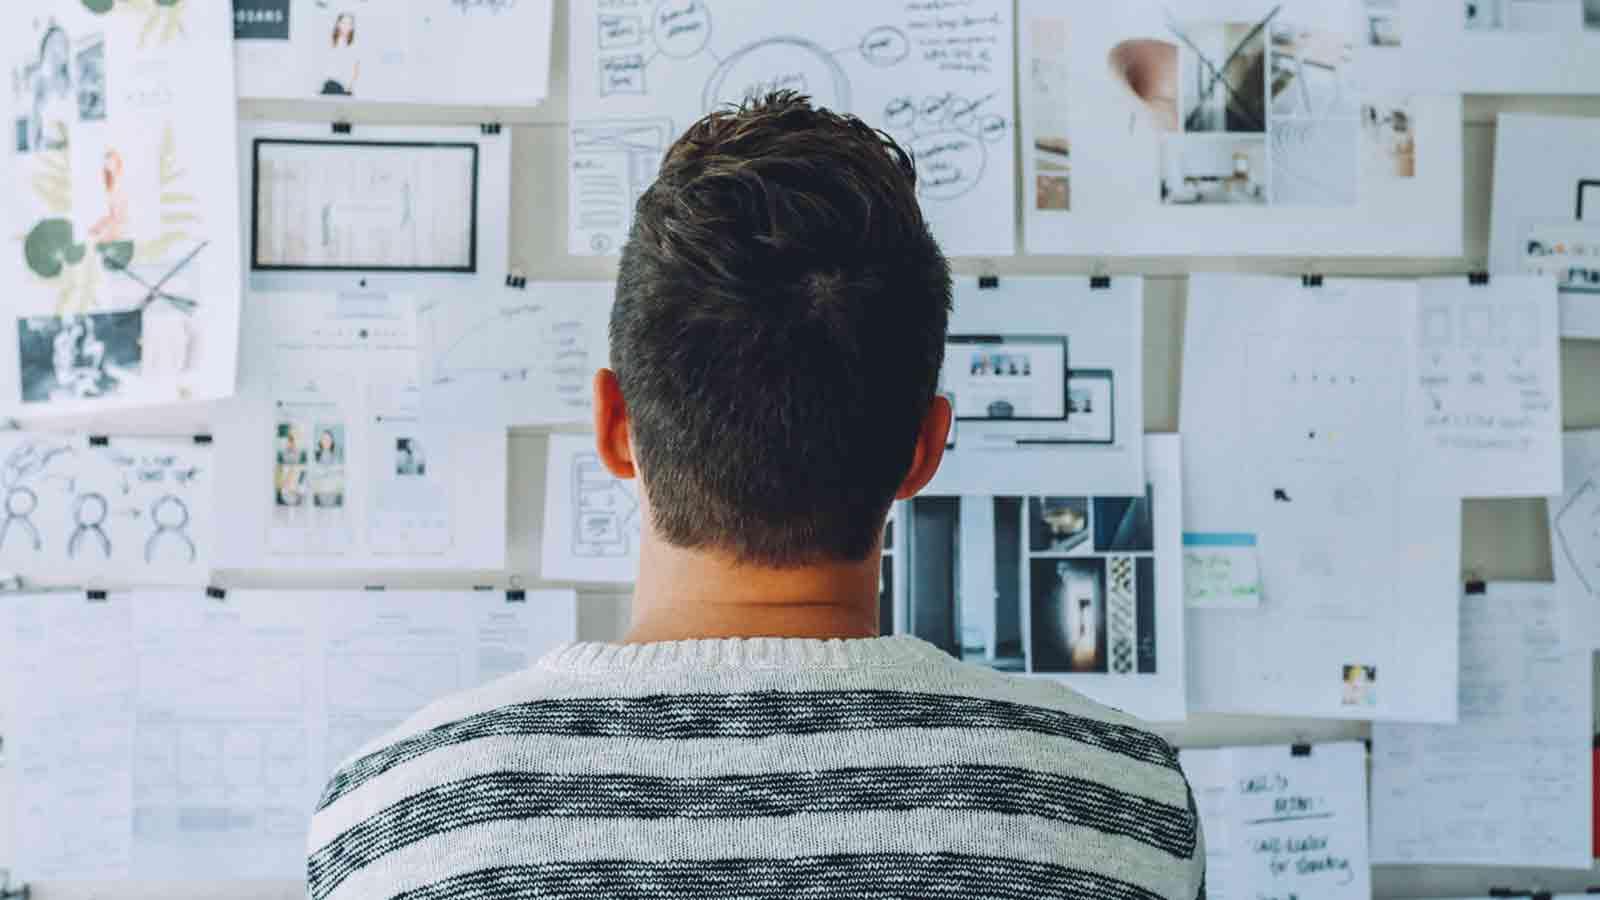 Kariyer Planlamınızı Yaparken Dikkat Etmeniz Gereken 4 Önemli Nokta